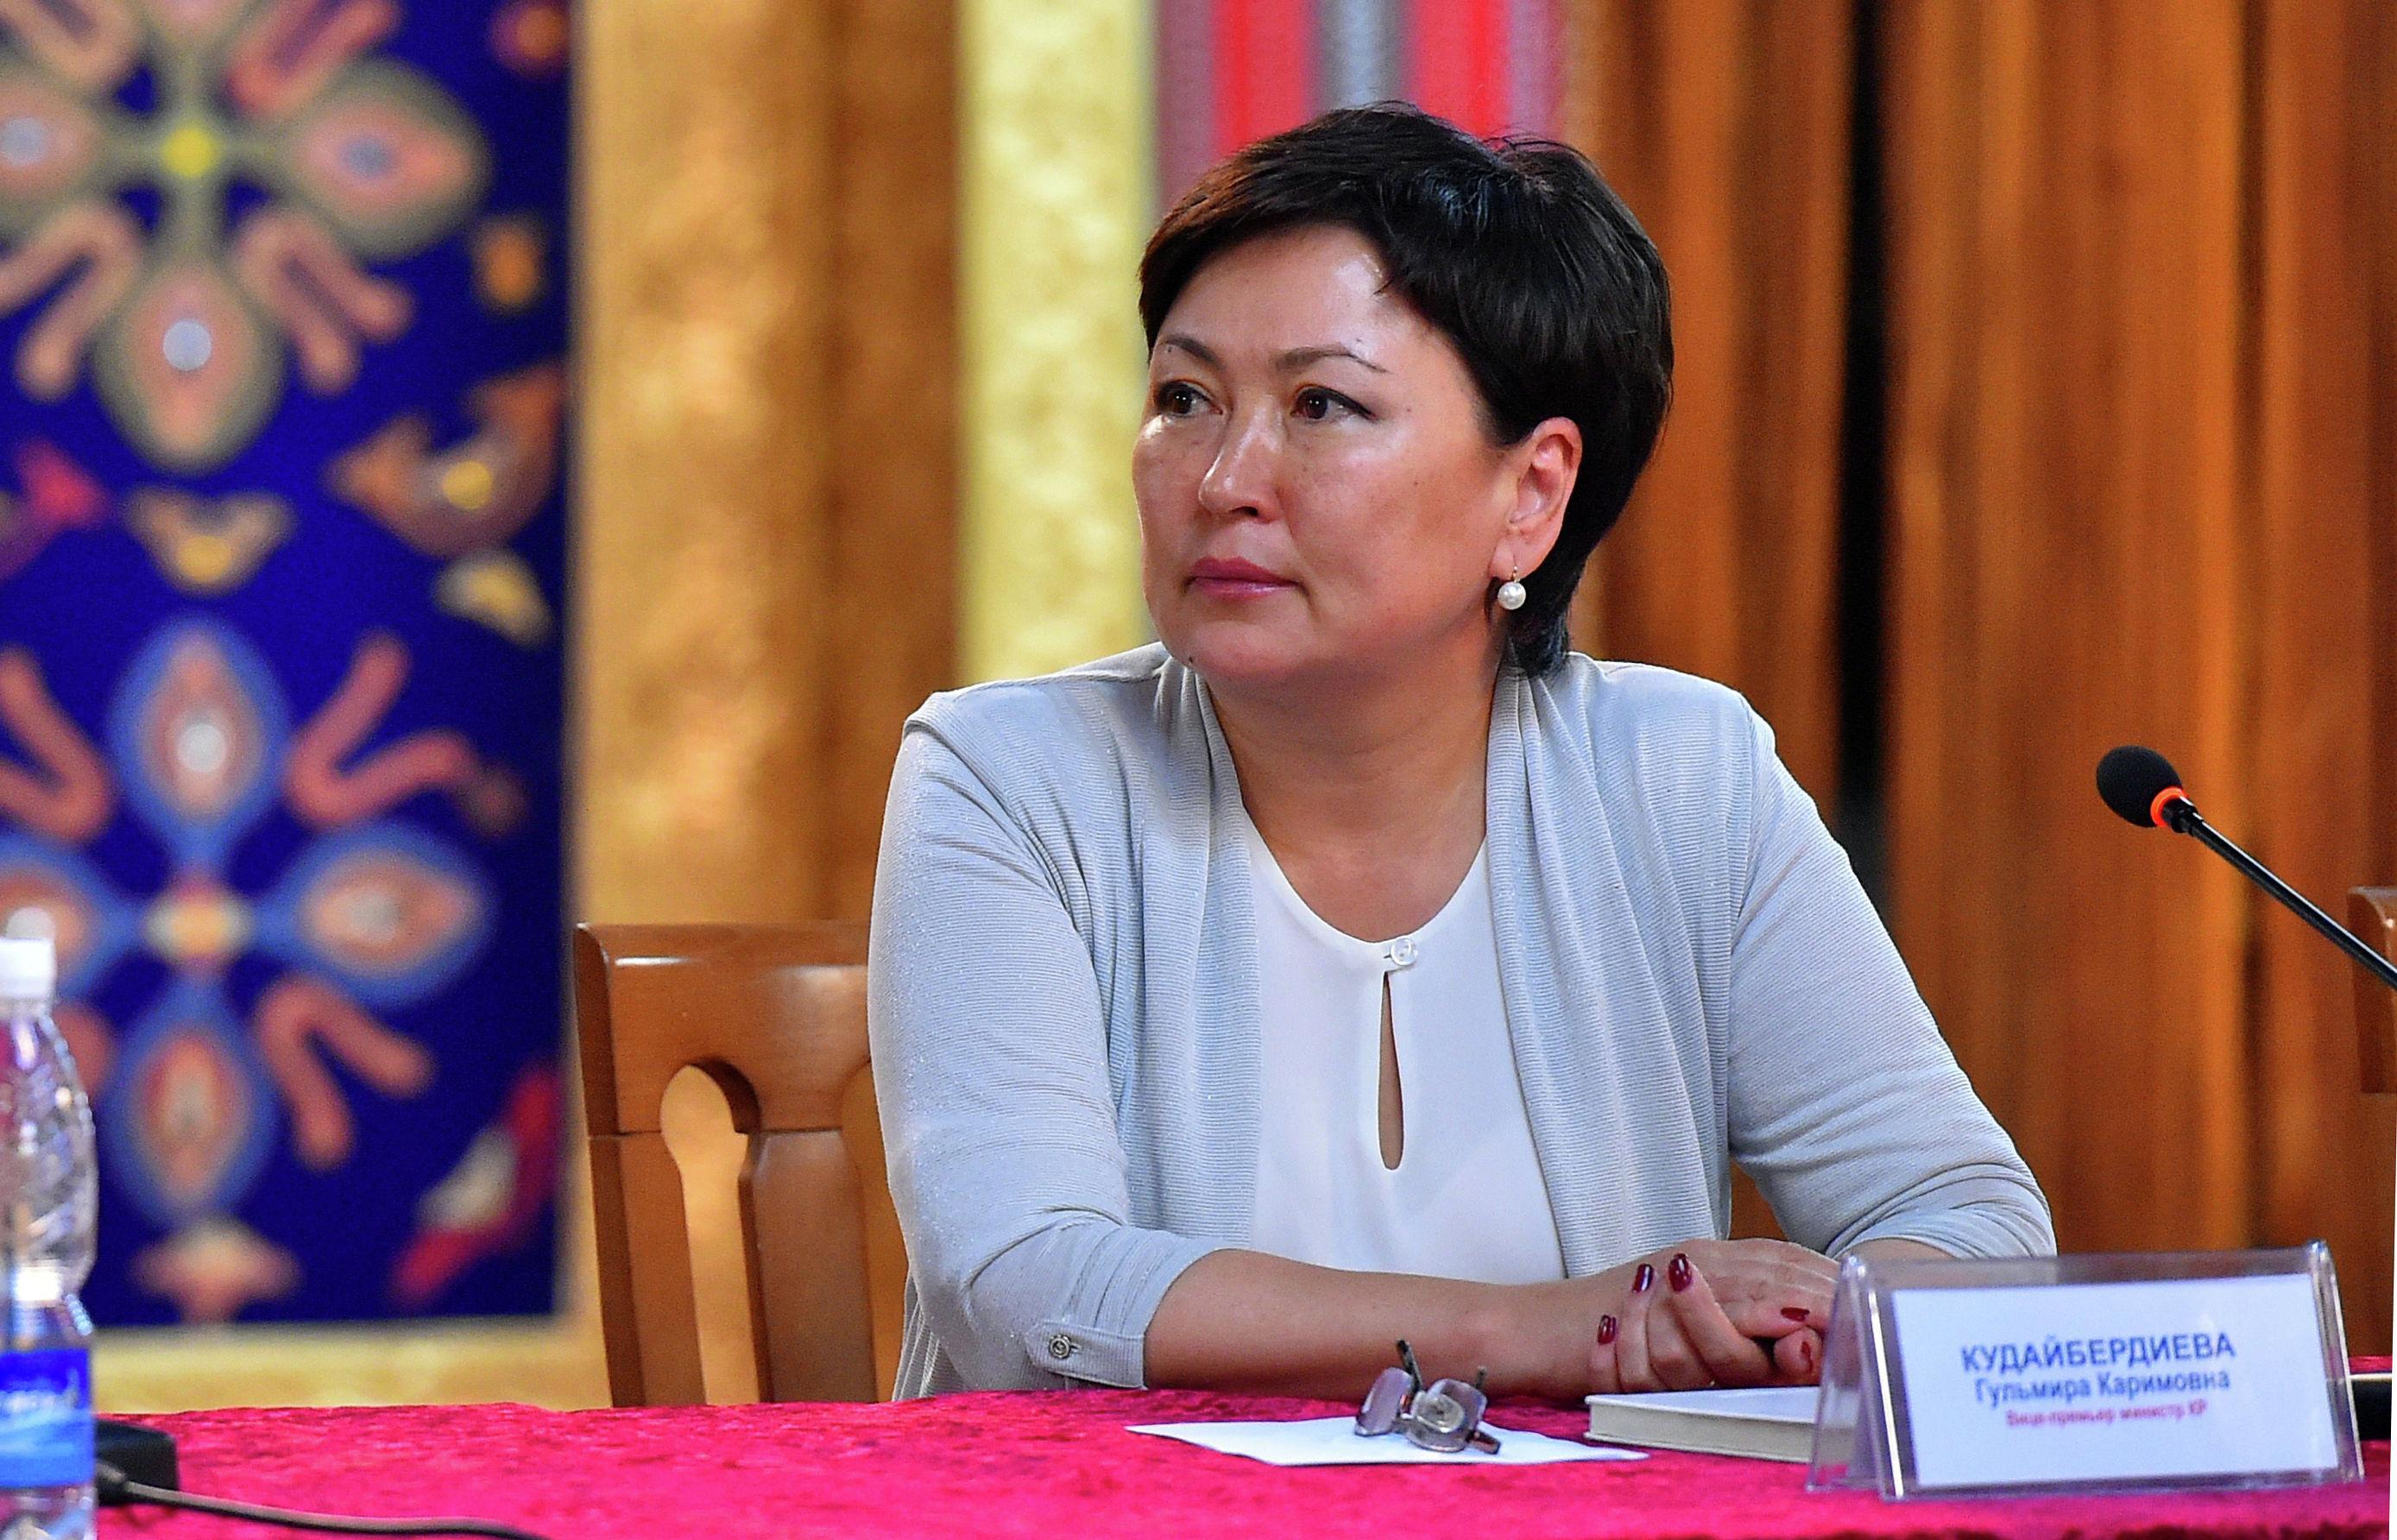 Вице-премьер-министр Кыргызской Республики Гульмира Кудайбердиева приняла участие в церемонии проводов кыргызстанских спортсменов на VI Международные спортивные игры Дети Азии, которые пройдут в Якутске с 5 по 17 июля 2016 года. 29 июня 2016 года